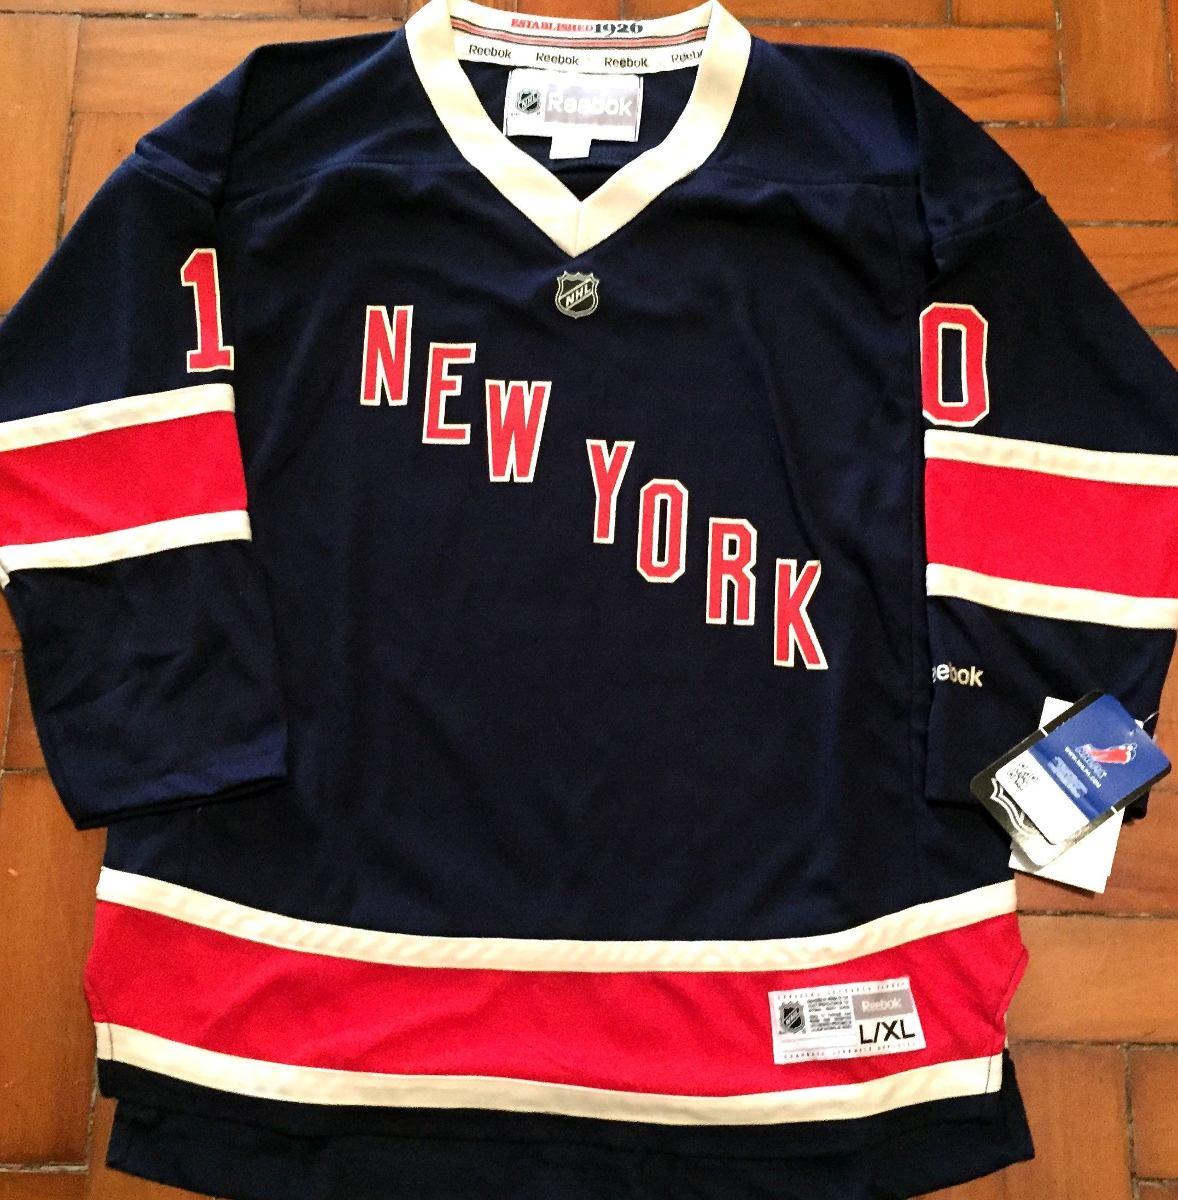 Camisa New York Rangers Márian Gáborík Tamanho P - R  279 c2ee3a4c7f066